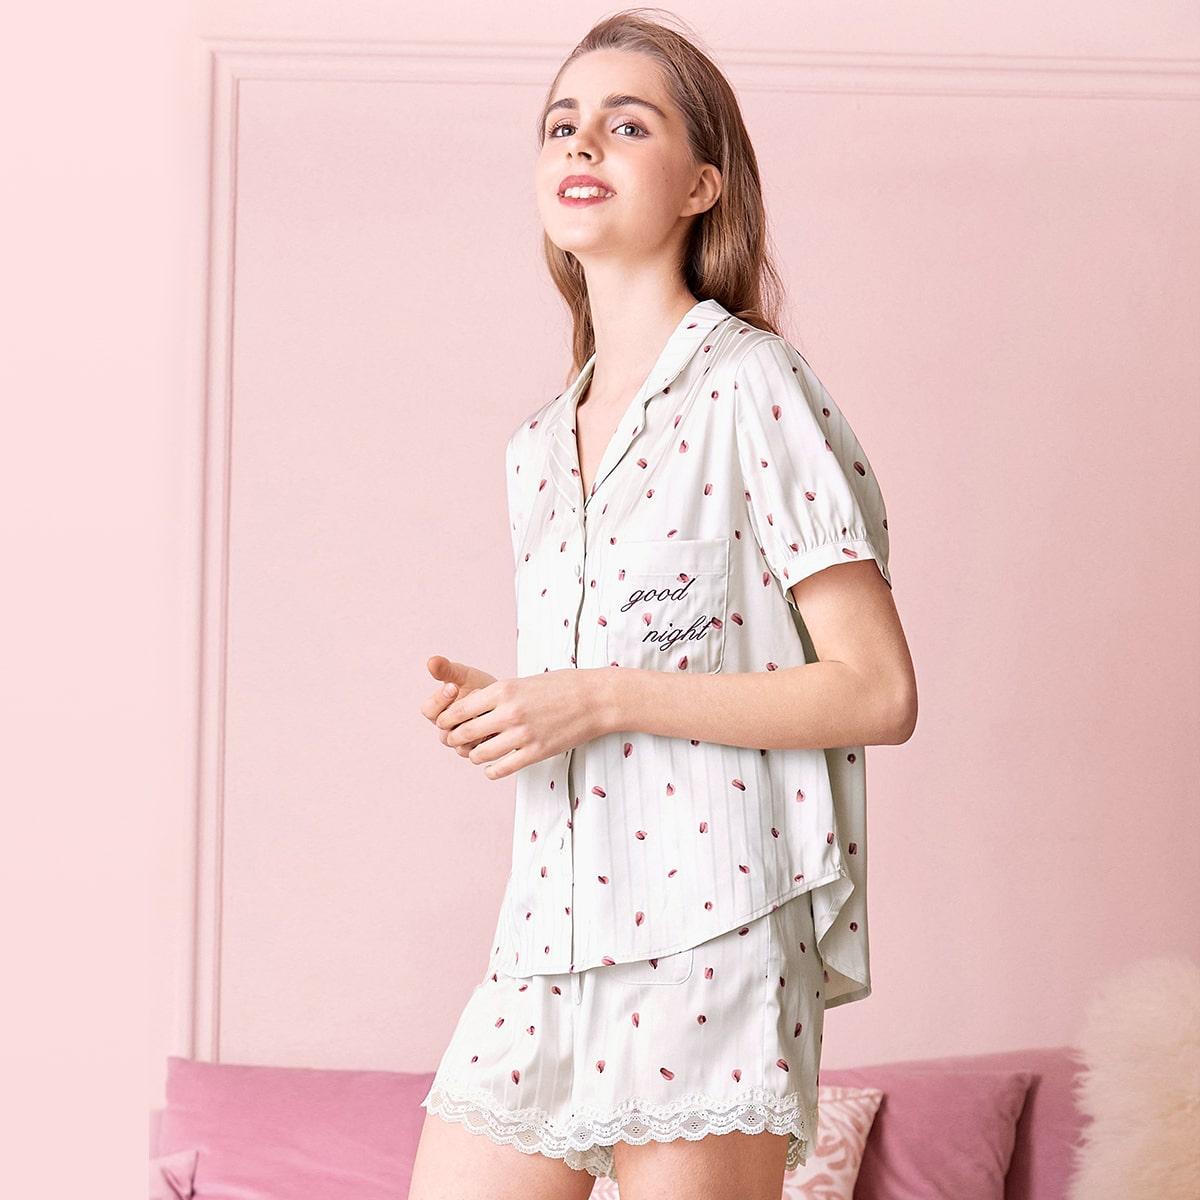 Пижама с текстовым принтом и карманом